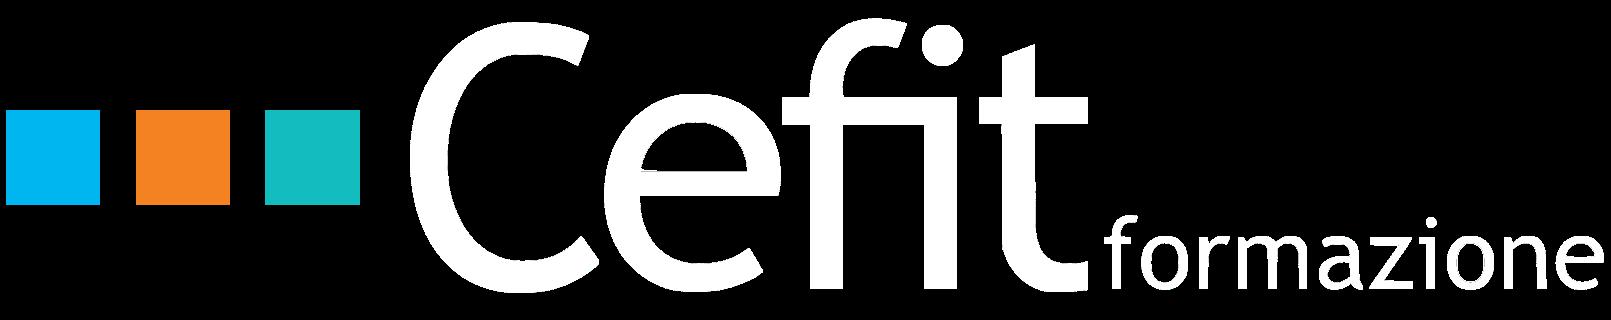 CEFIT Formazione